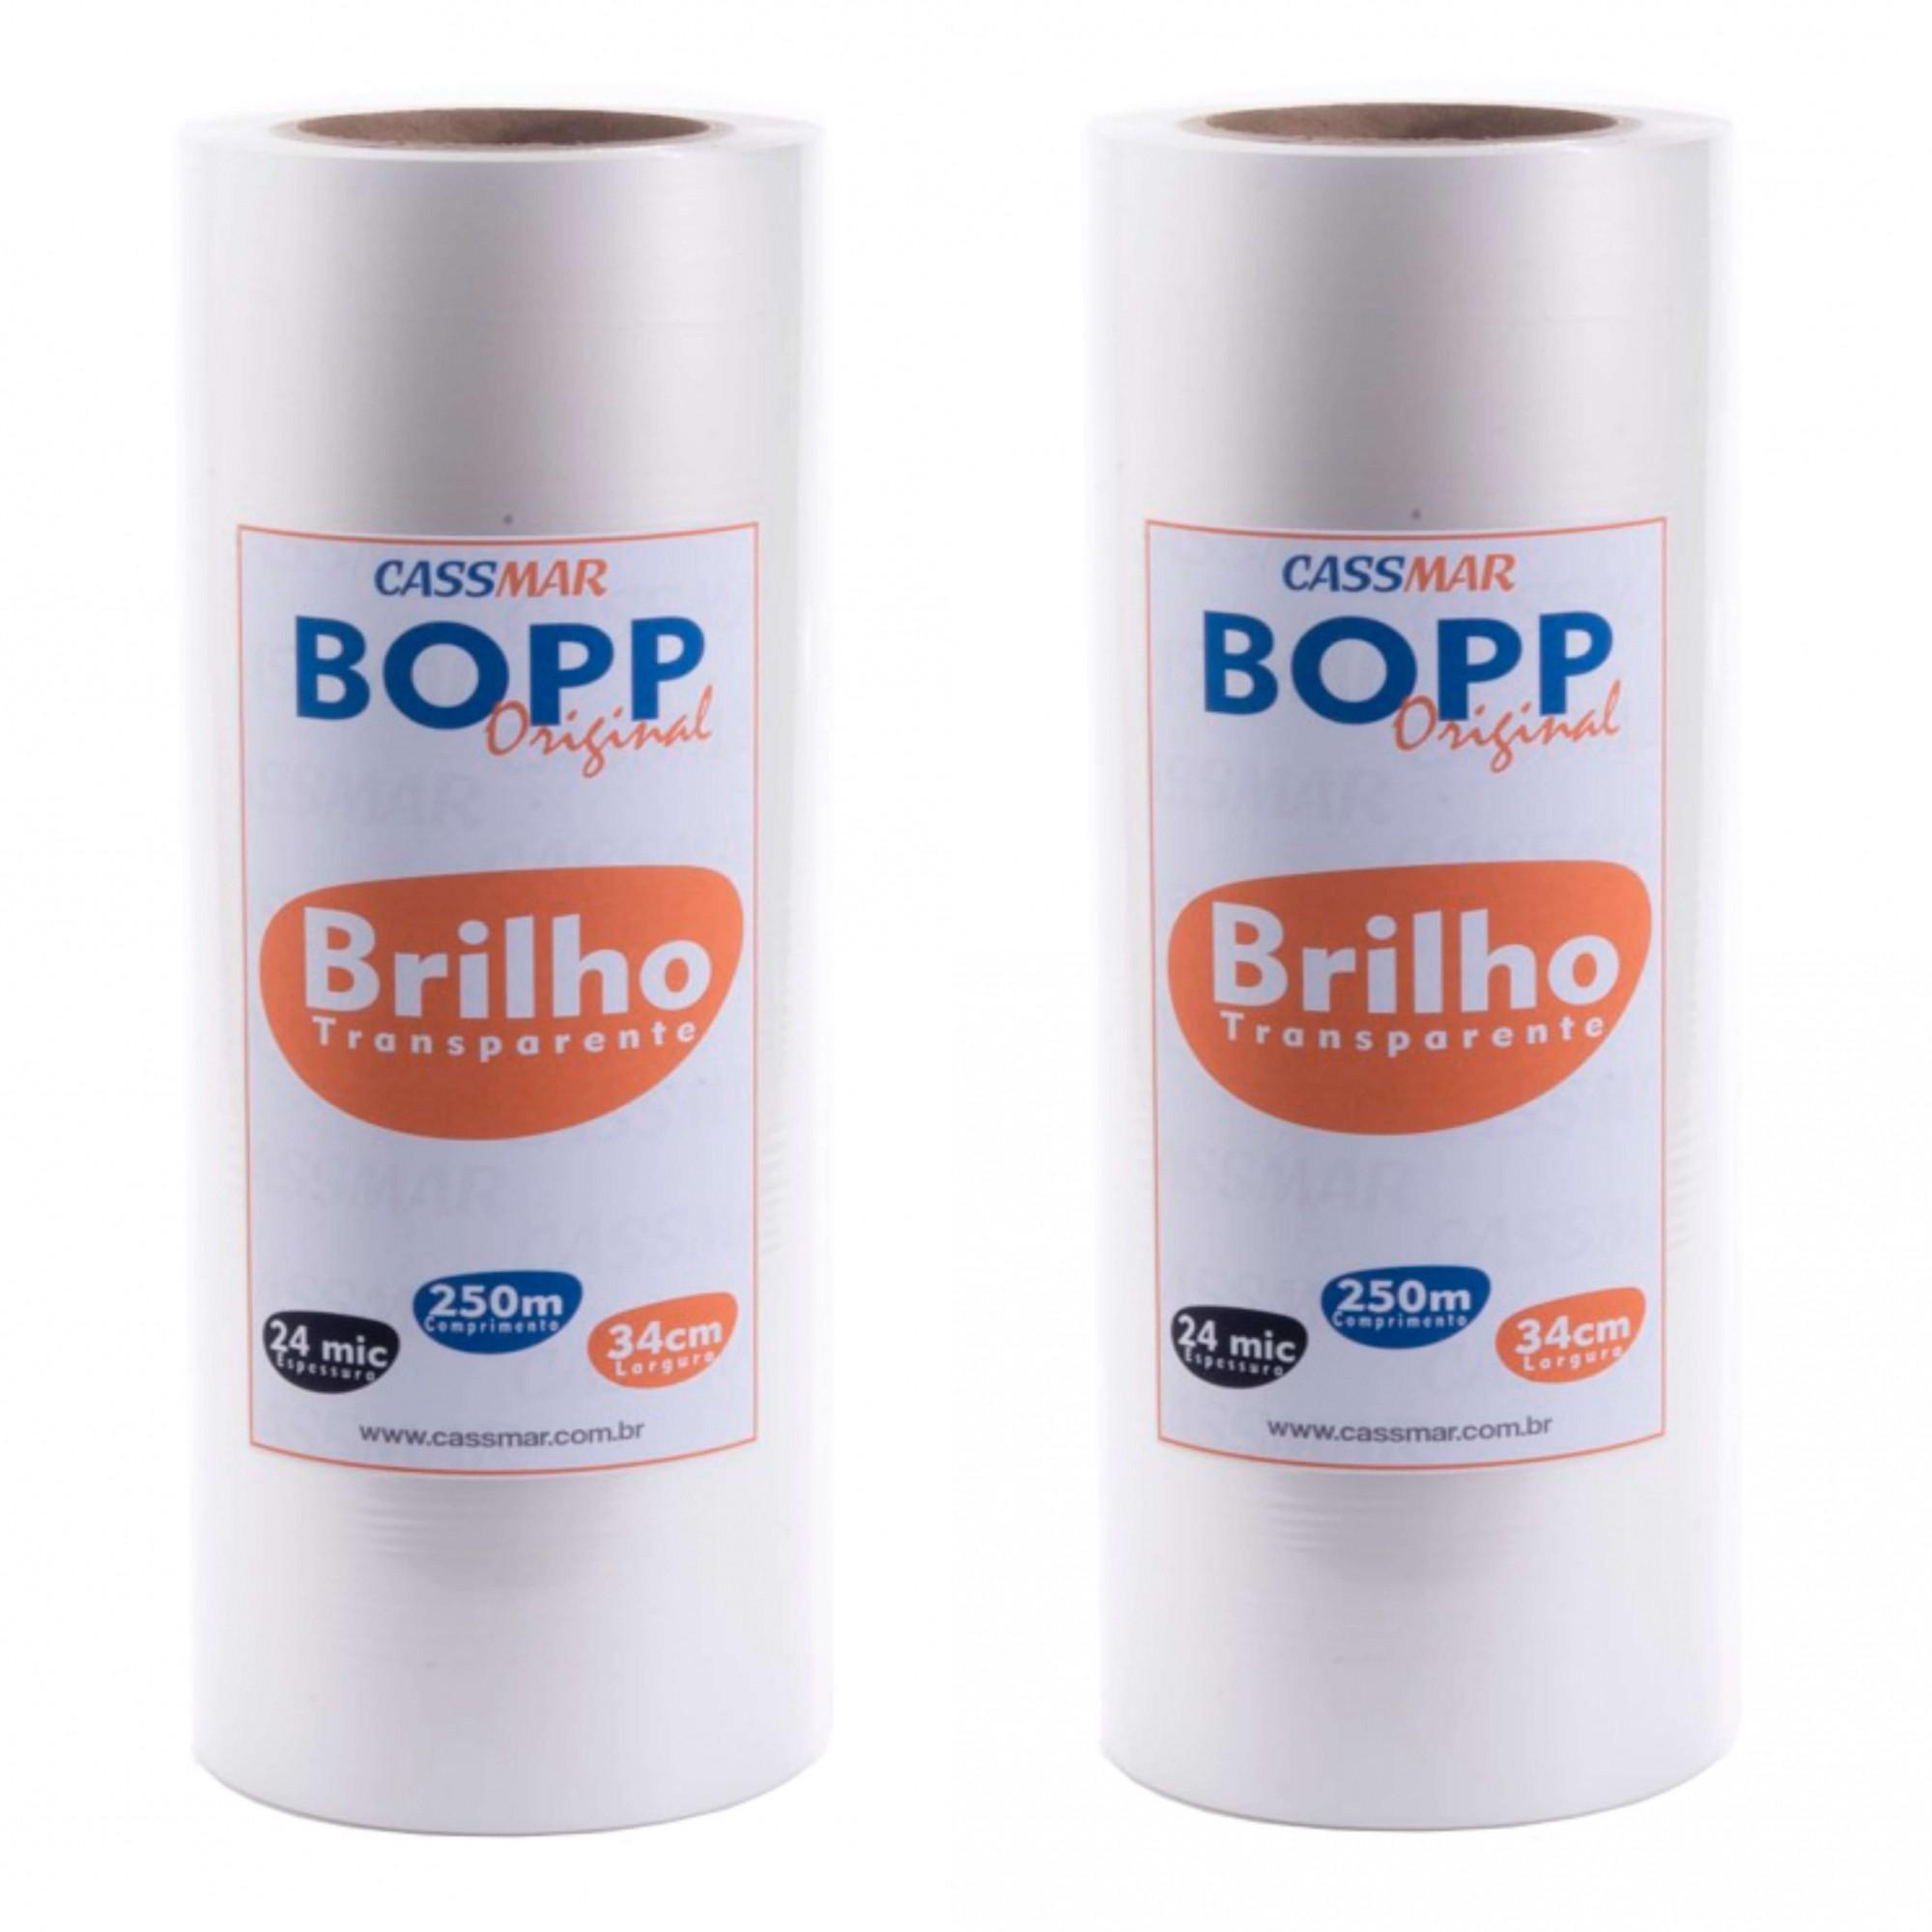 Bopp Brilho para Laminação Bobina A3 34cmx250m Cassmar 02 un